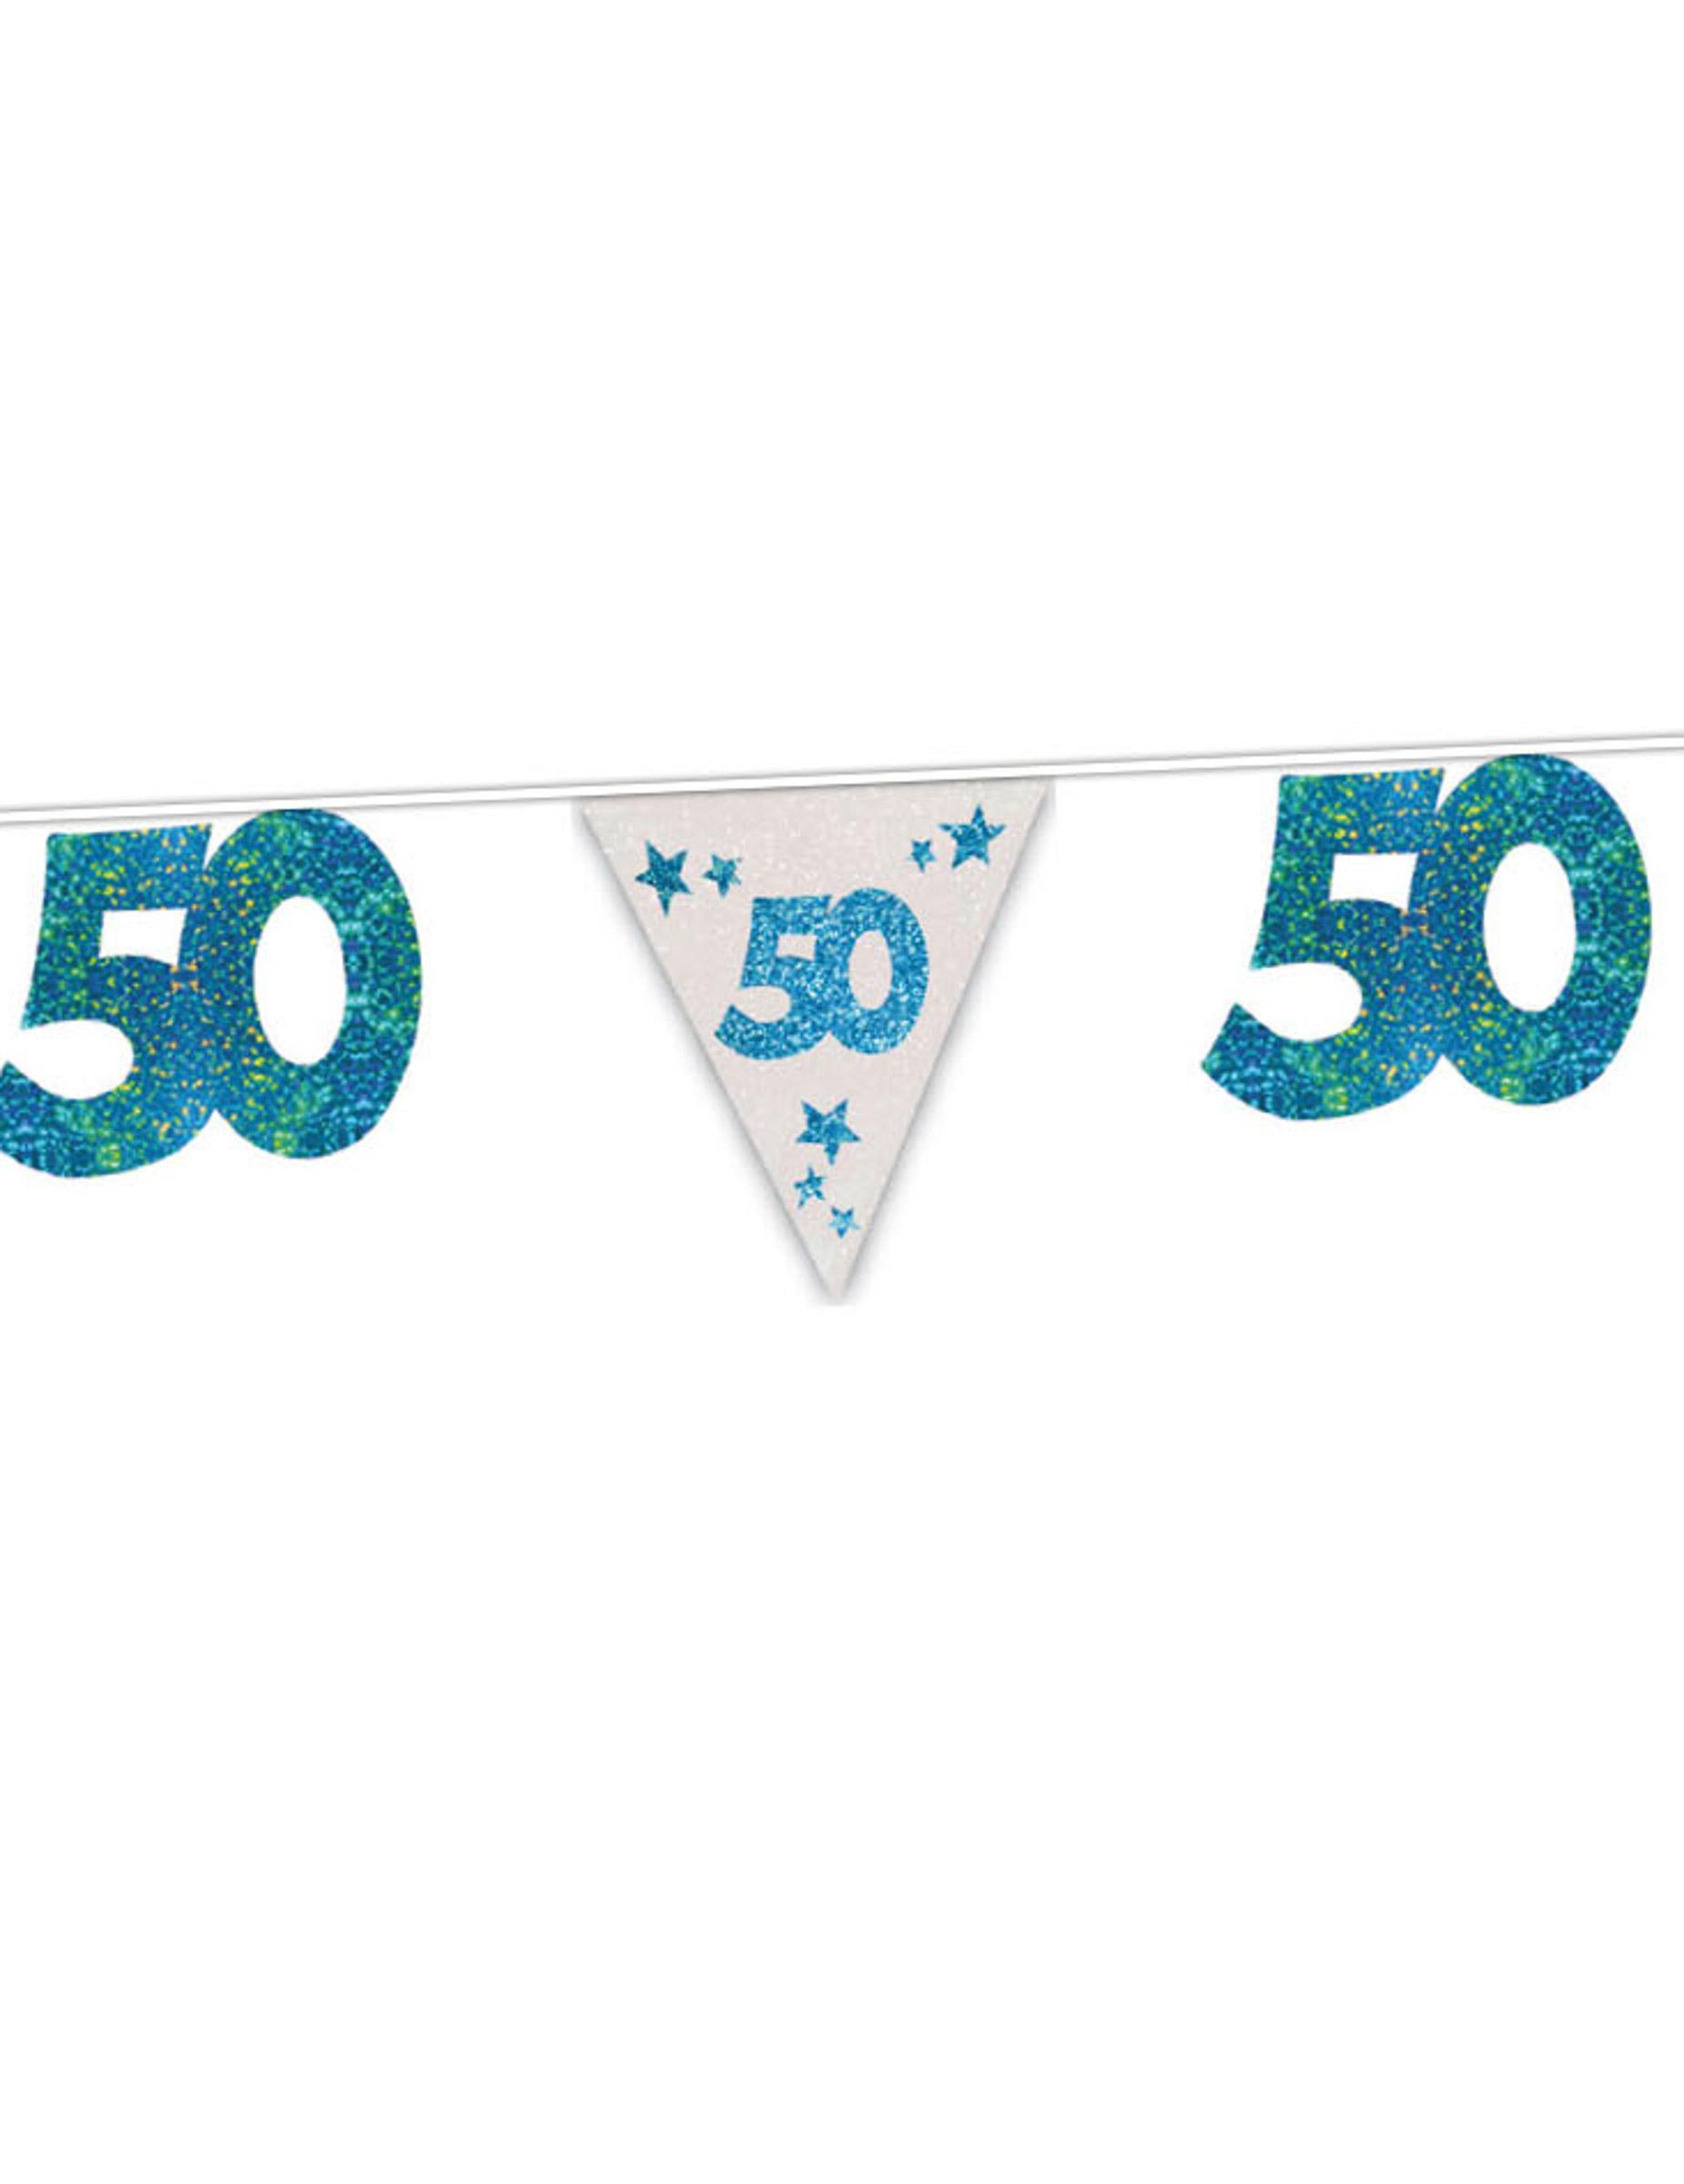 50 geburtstag girlande party deko blau 6m g nstige faschings partydeko zubeh r bei karneval. Black Bedroom Furniture Sets. Home Design Ideas